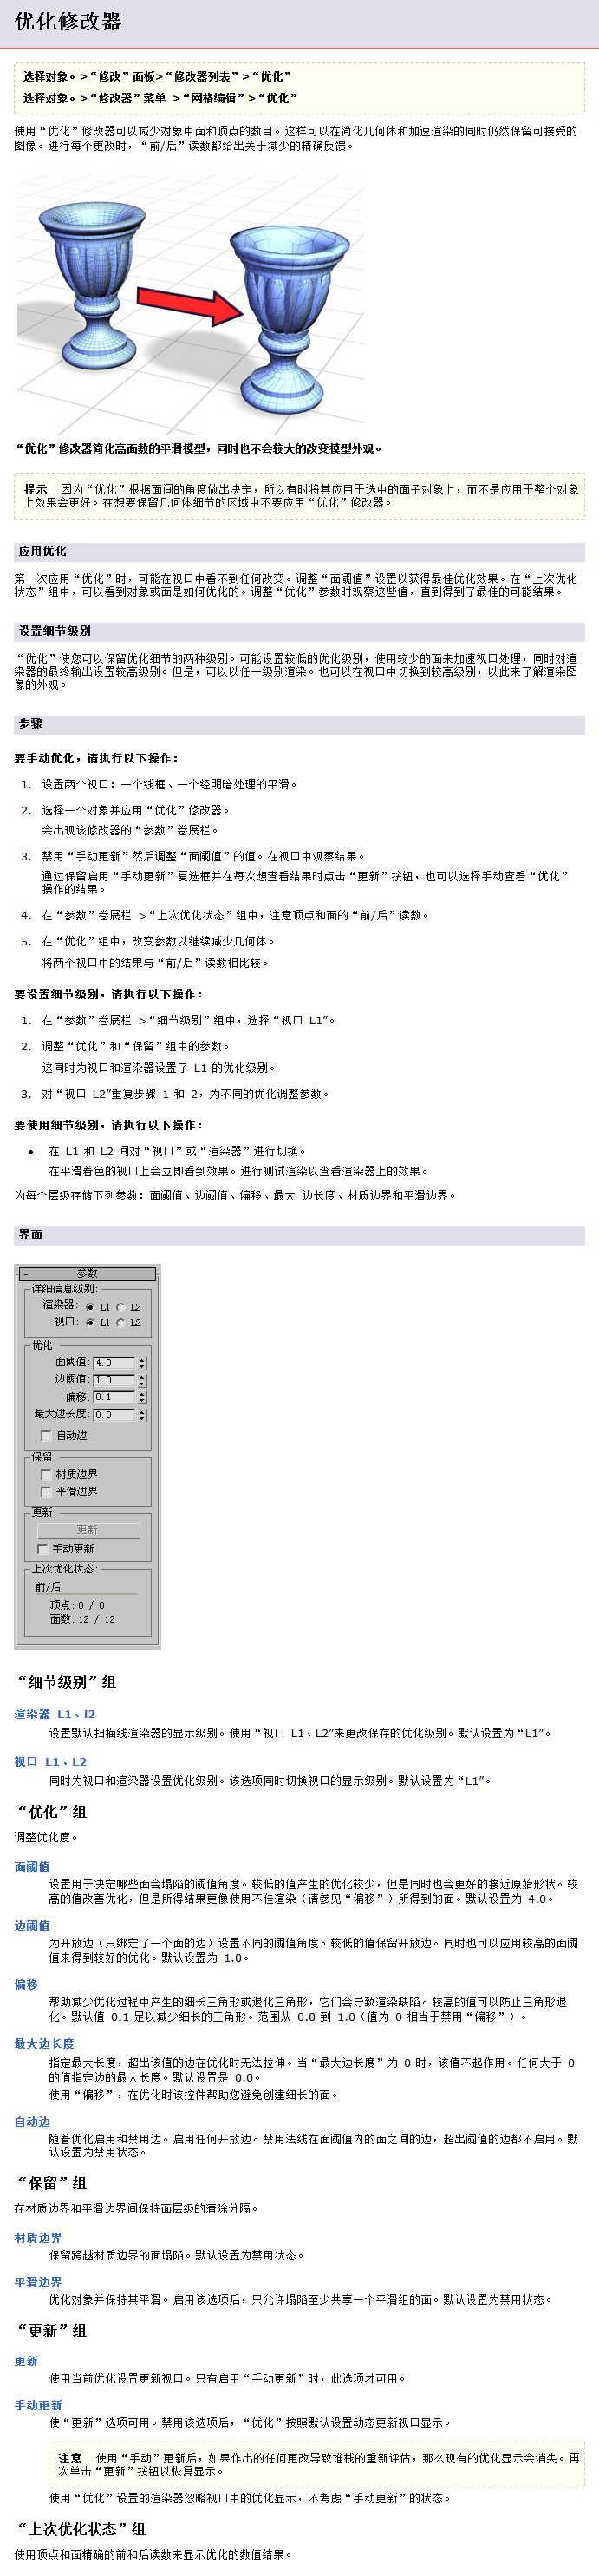 3dsmax模型优化修改器使用教程-autodesk官方教程